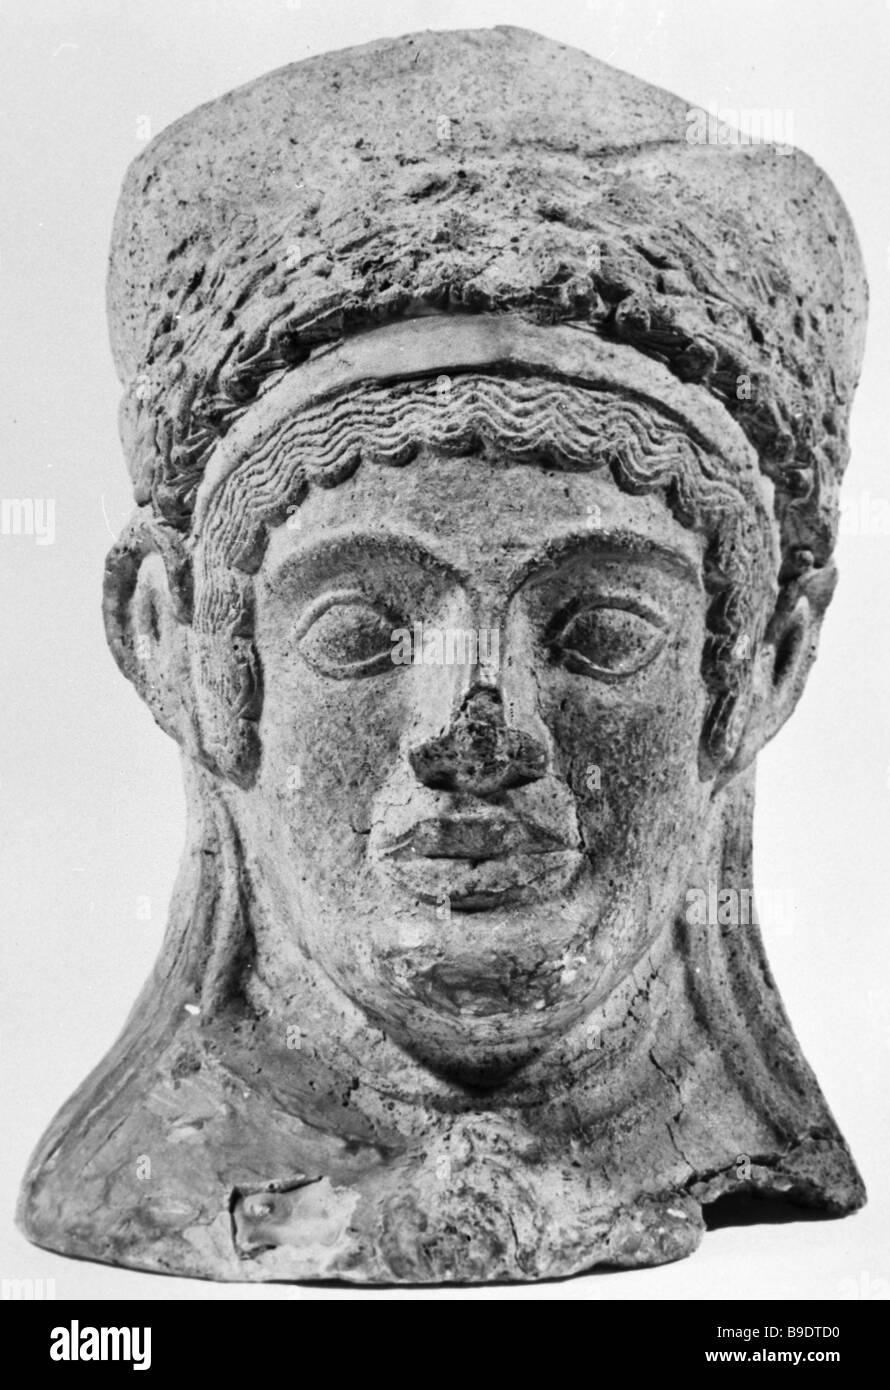 Objet votif d'argile en forme de tête de femme 5e siècle avant J.-C. à partir de la collection Photo Stock